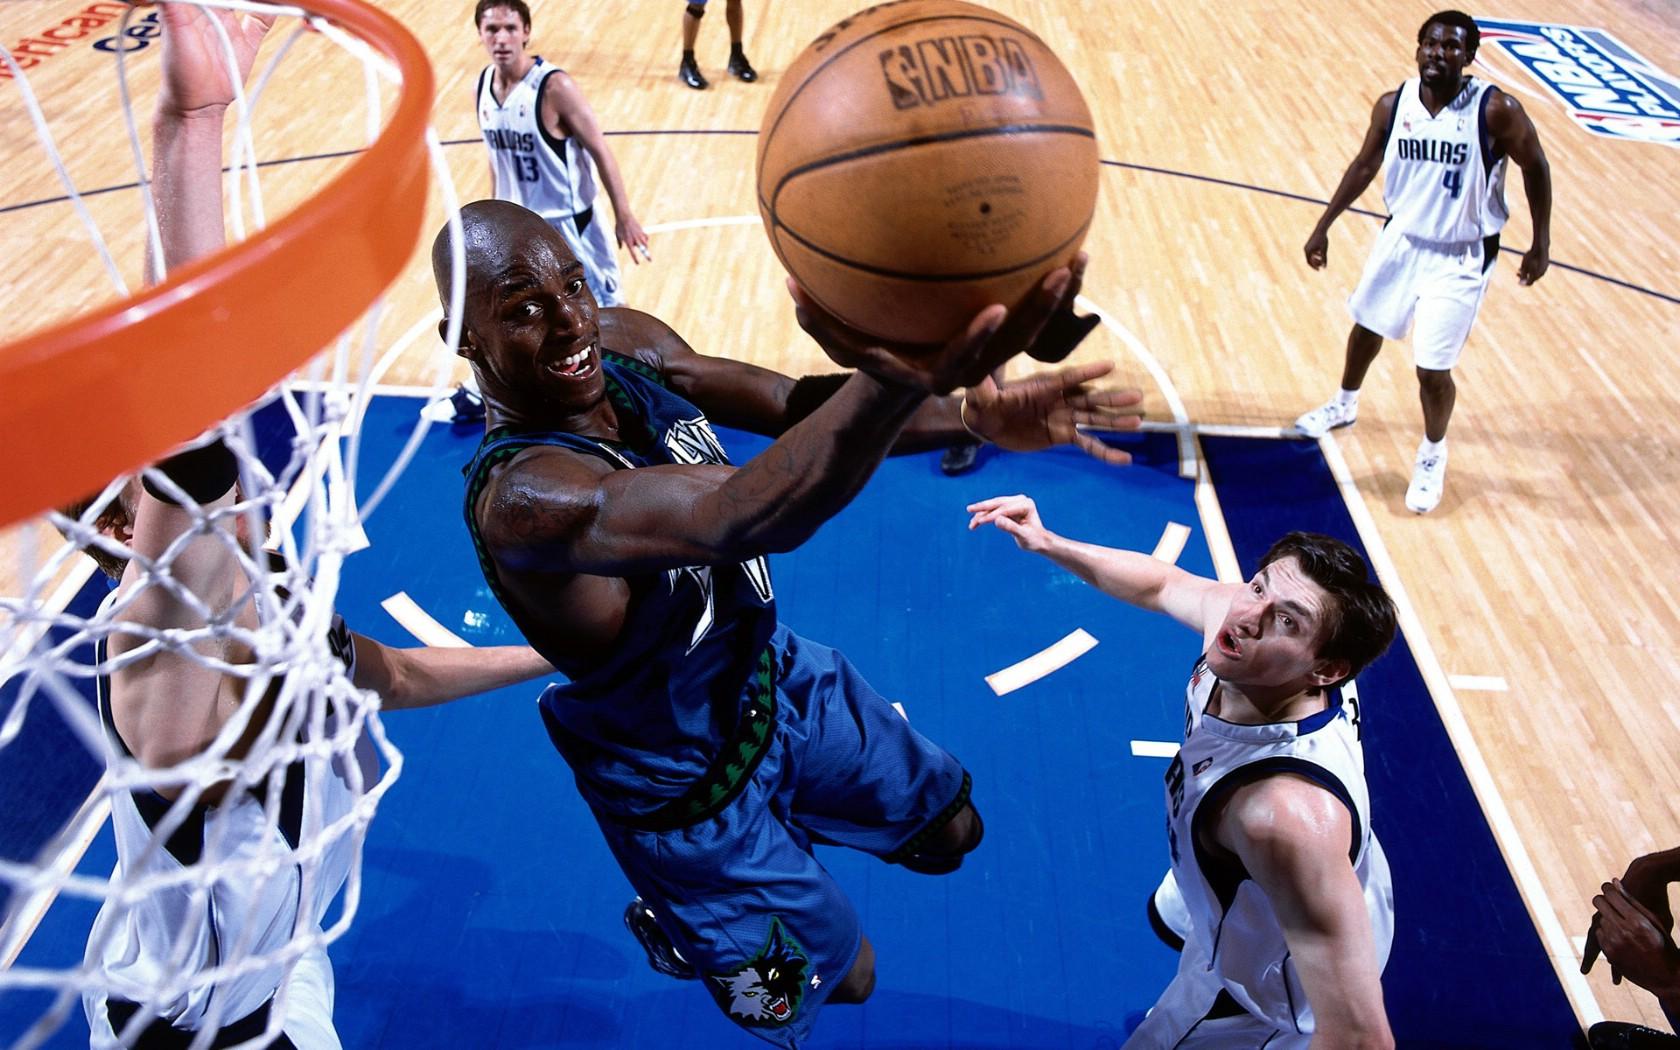 壁纸1680×1050凯文 加内特 Kevin Garnett NBA球星 壁纸2壁纸 凯文・加内特 Kev壁纸图片体育壁纸体育图片素材桌面壁纸